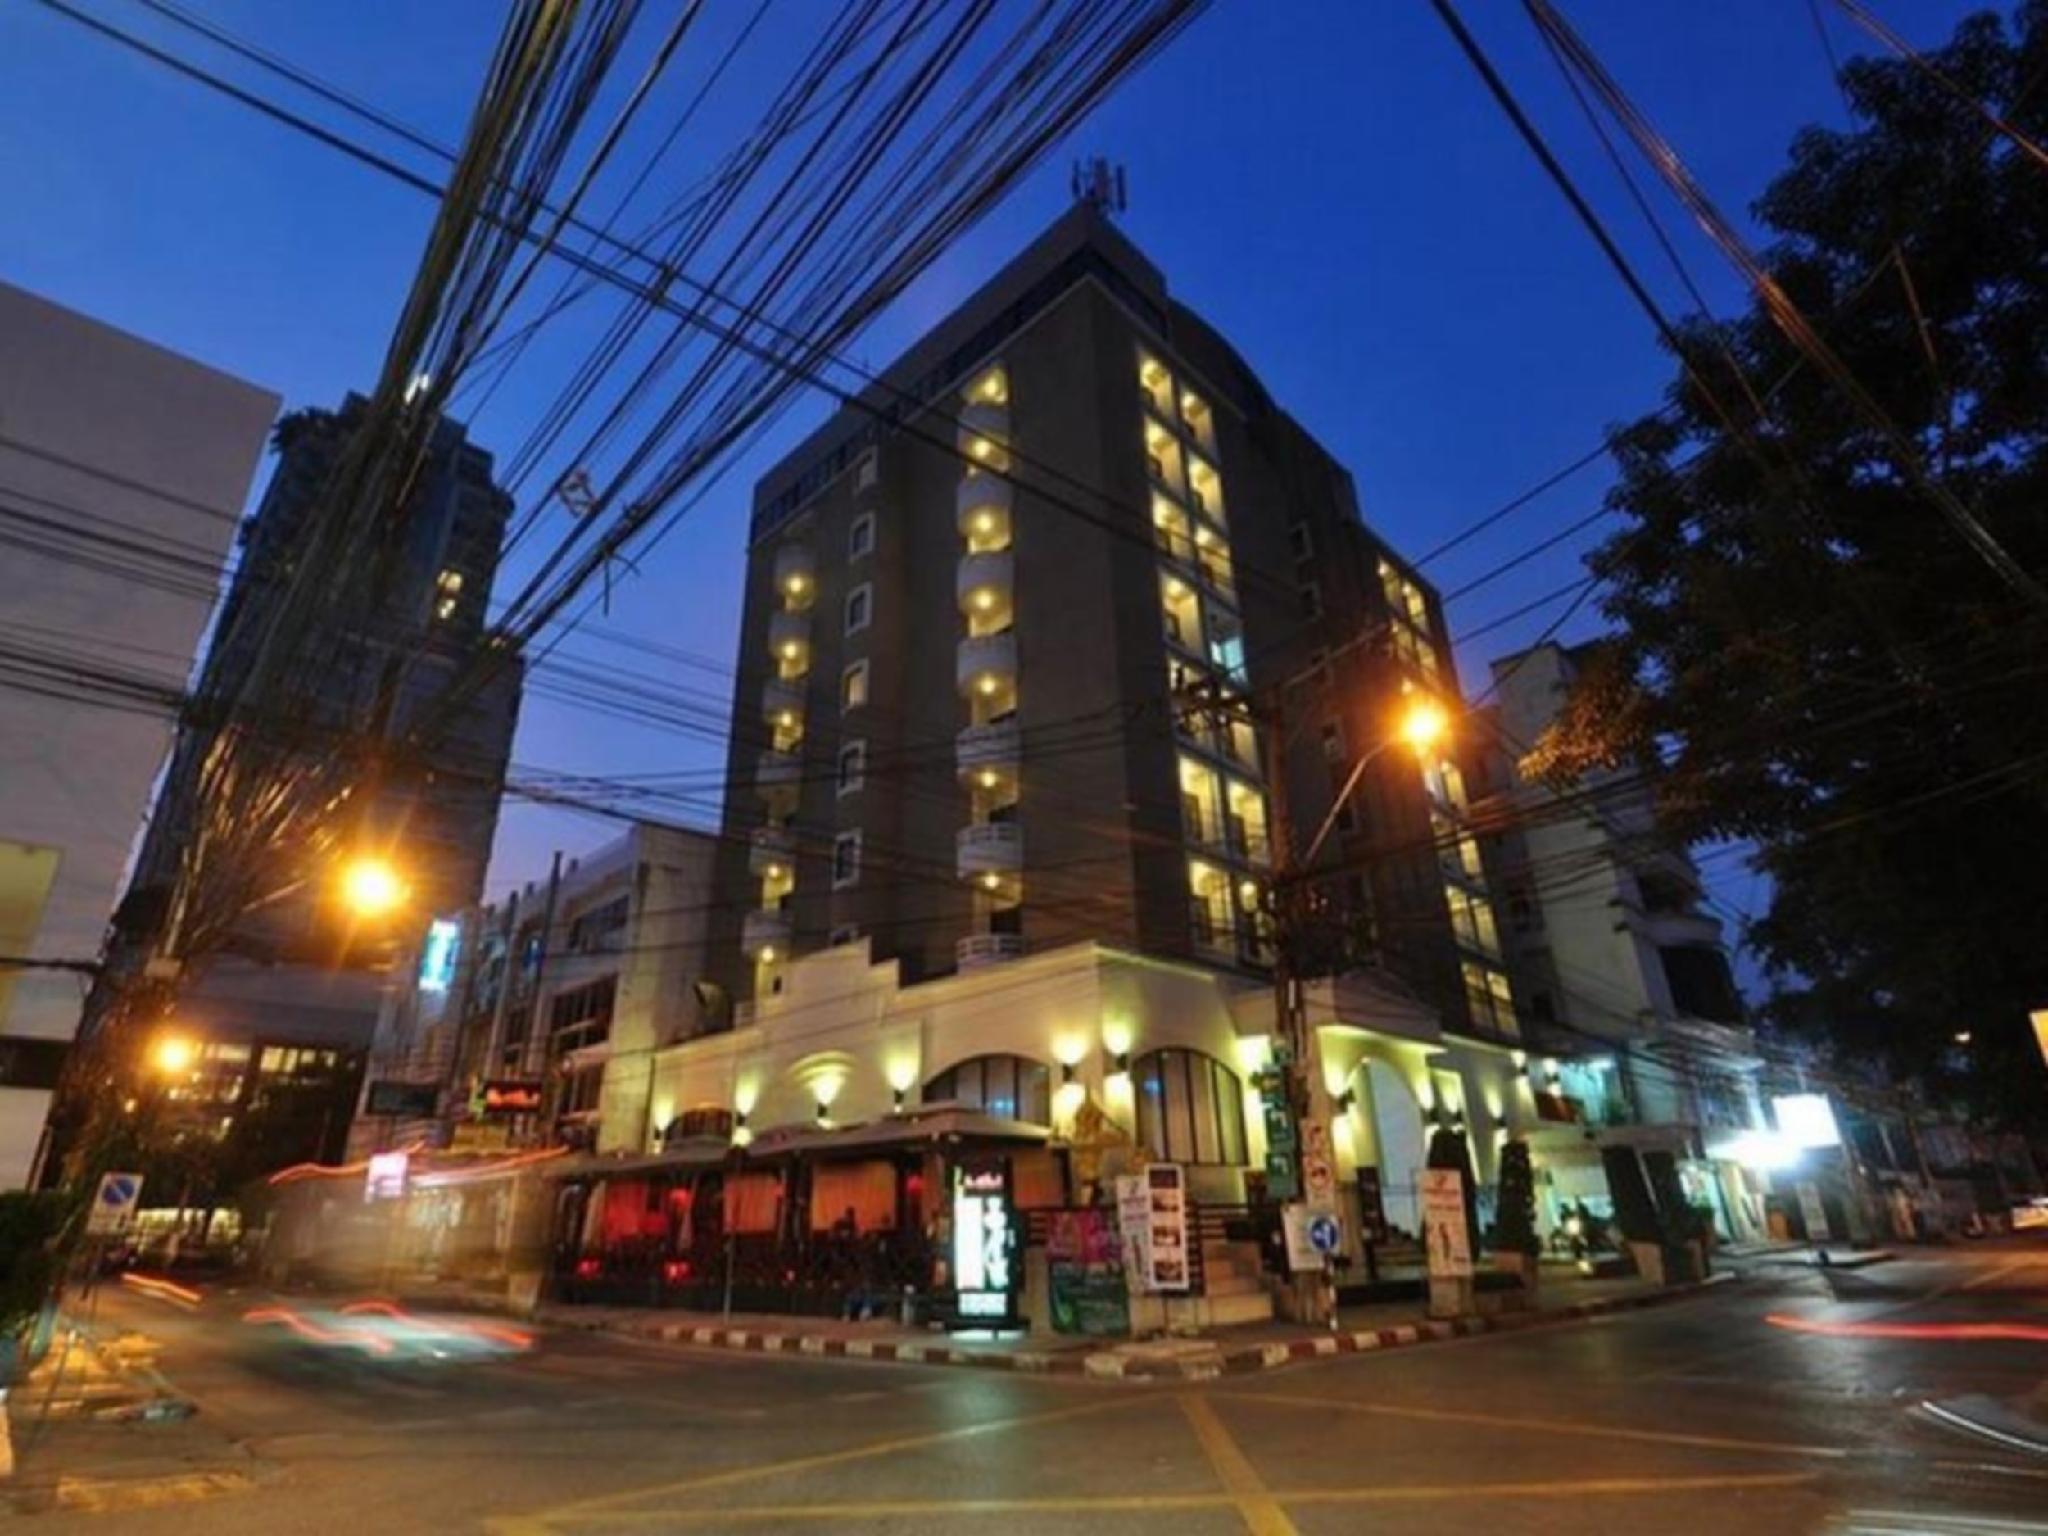 The Euro Grande Hotel